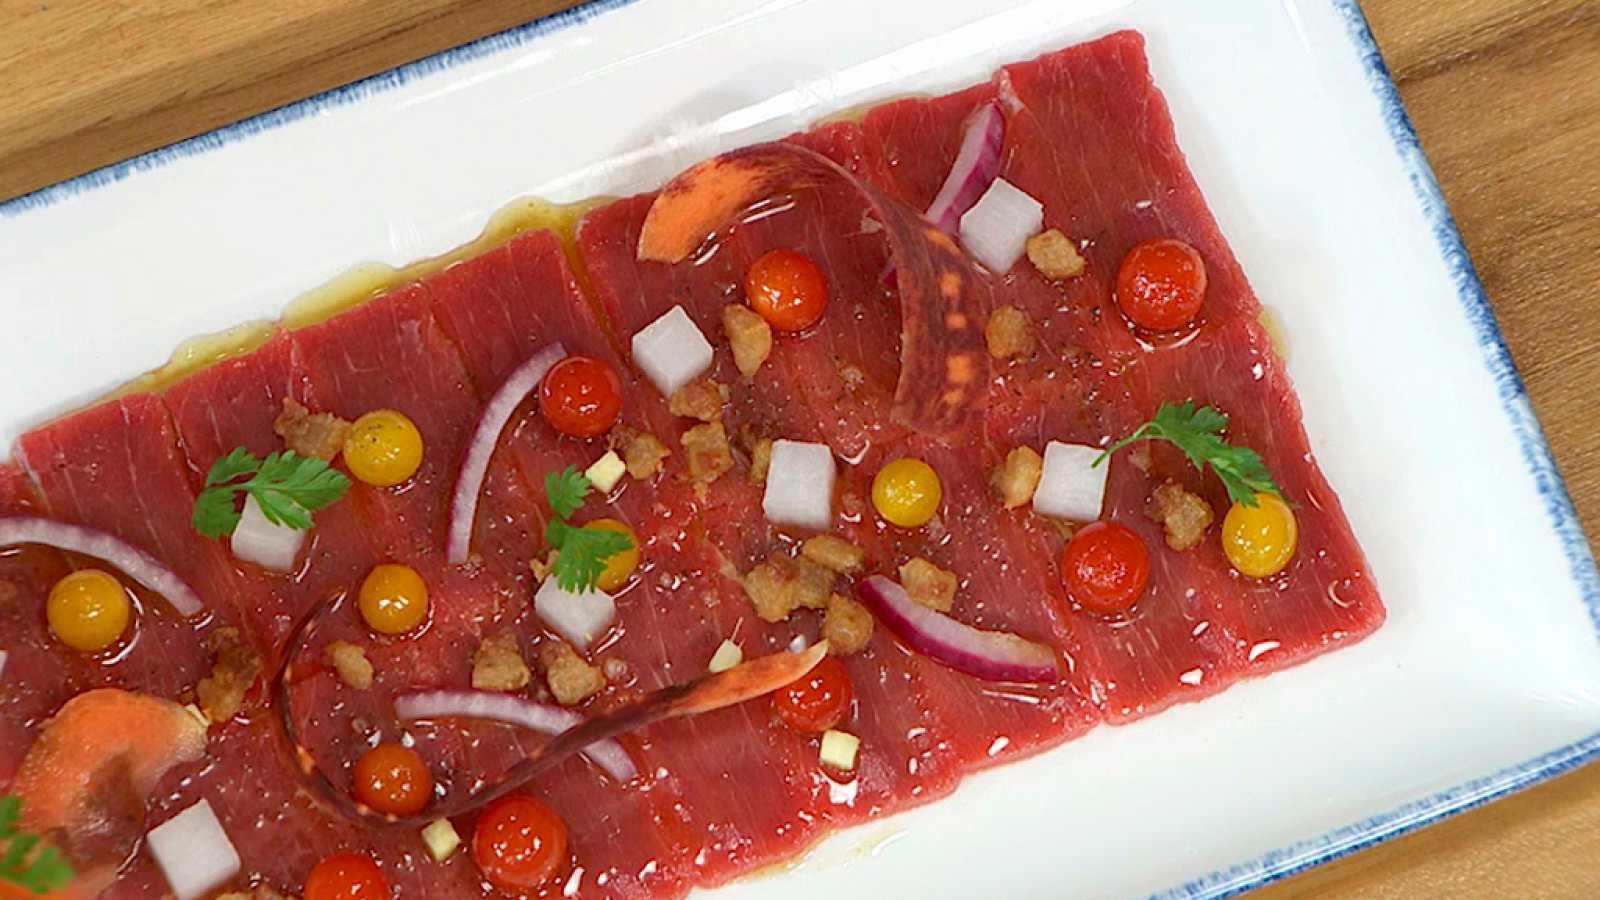 Torres en la cocina - Carpaccio de atún